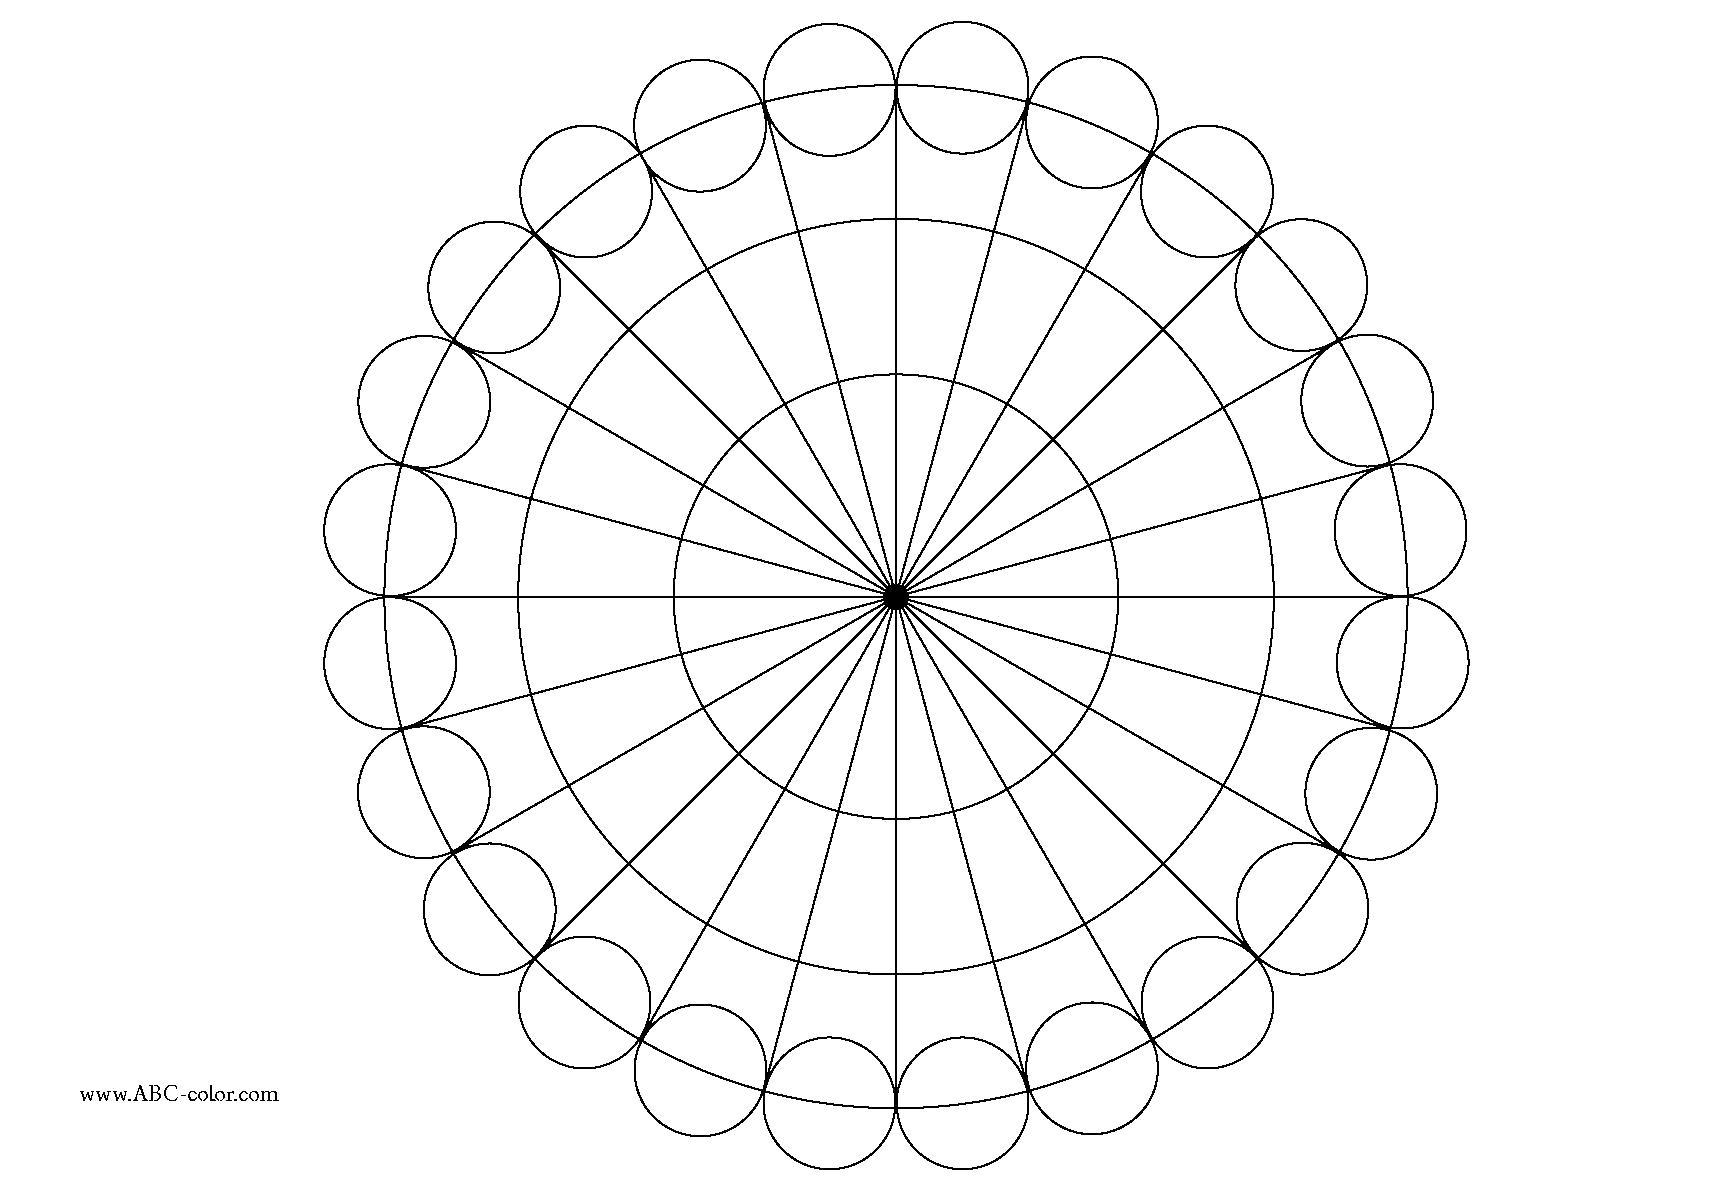 Раскраска круг из кругов . Скачать круг, сектор.  Распечатать геометрические фигуры